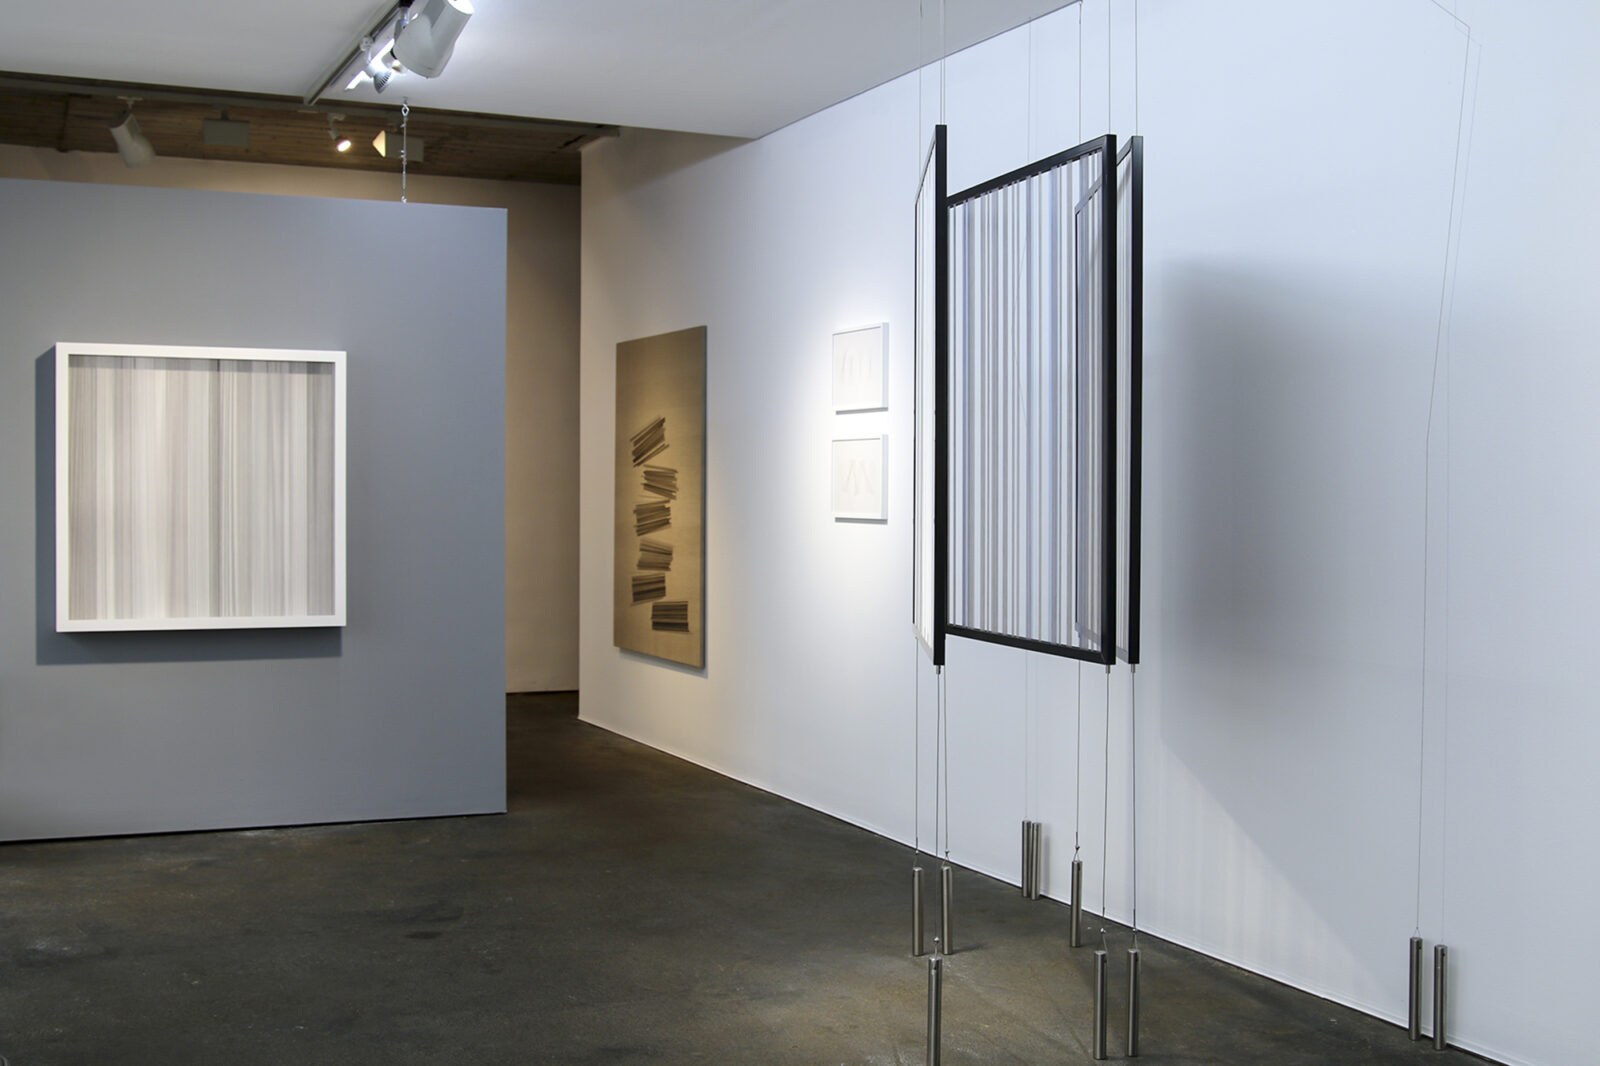 Galerie Maurer 1